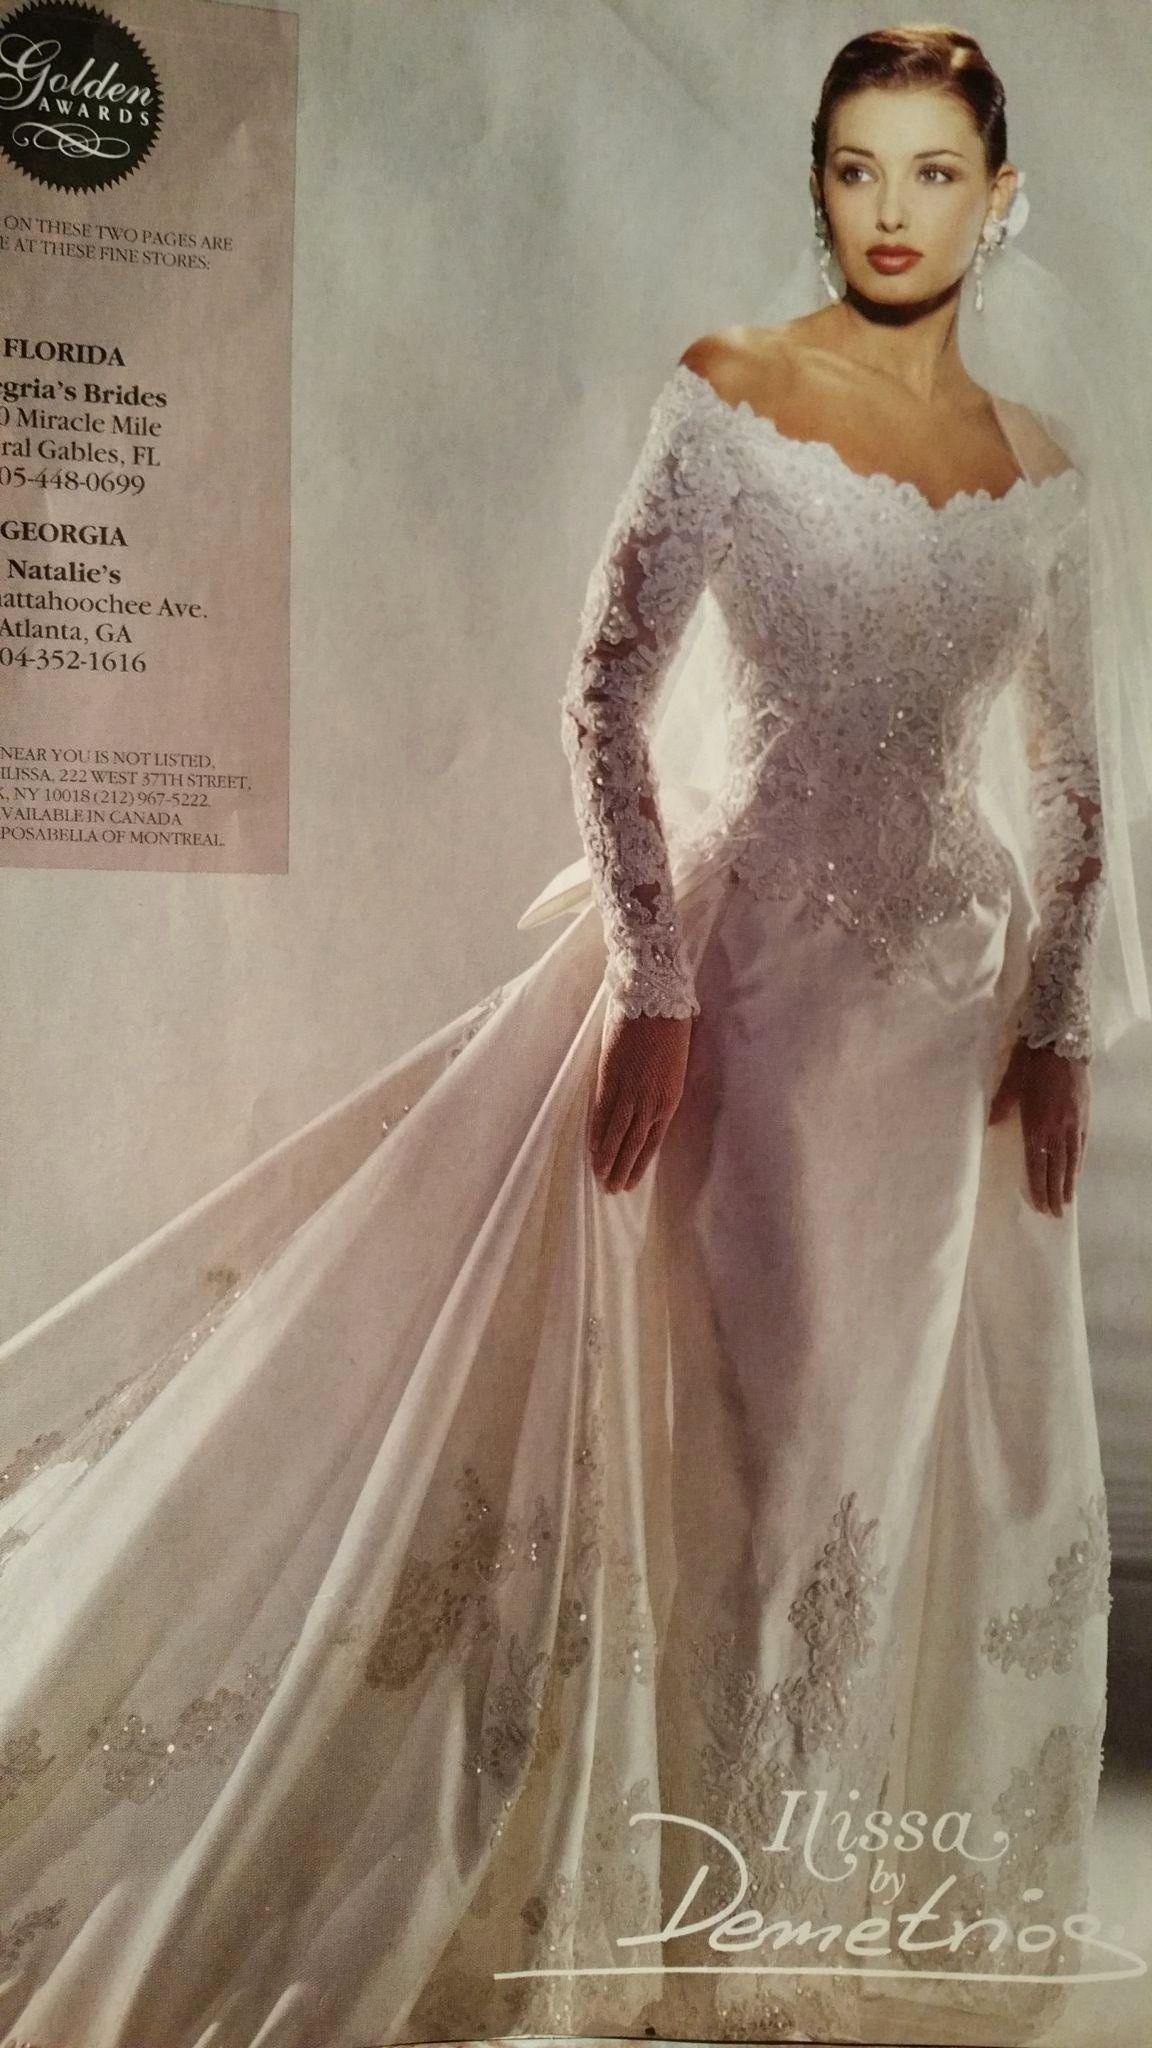 Kleinfeld Bridal New York in 13  Hochzeitskleid, Brautkleid